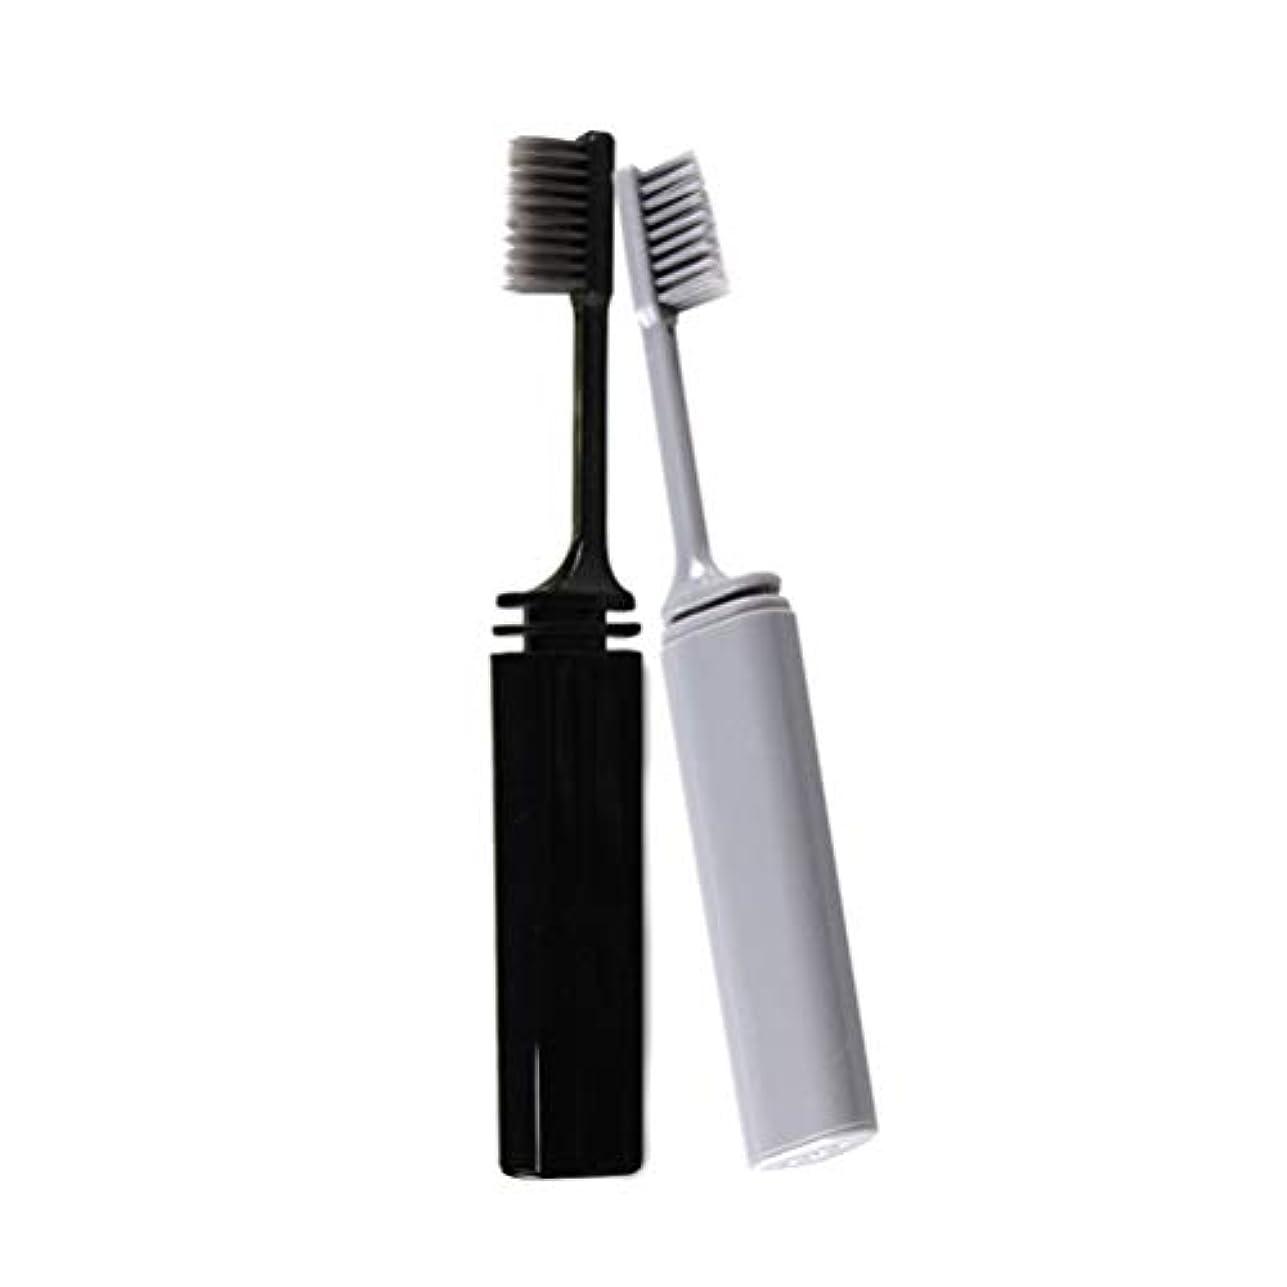 失望させるであること保存するHealifty 2ピースポータブル旅行歯ブラシ折りたたみ竹炭剛毛歯ブラシ用オフィスホームホテルゲスト